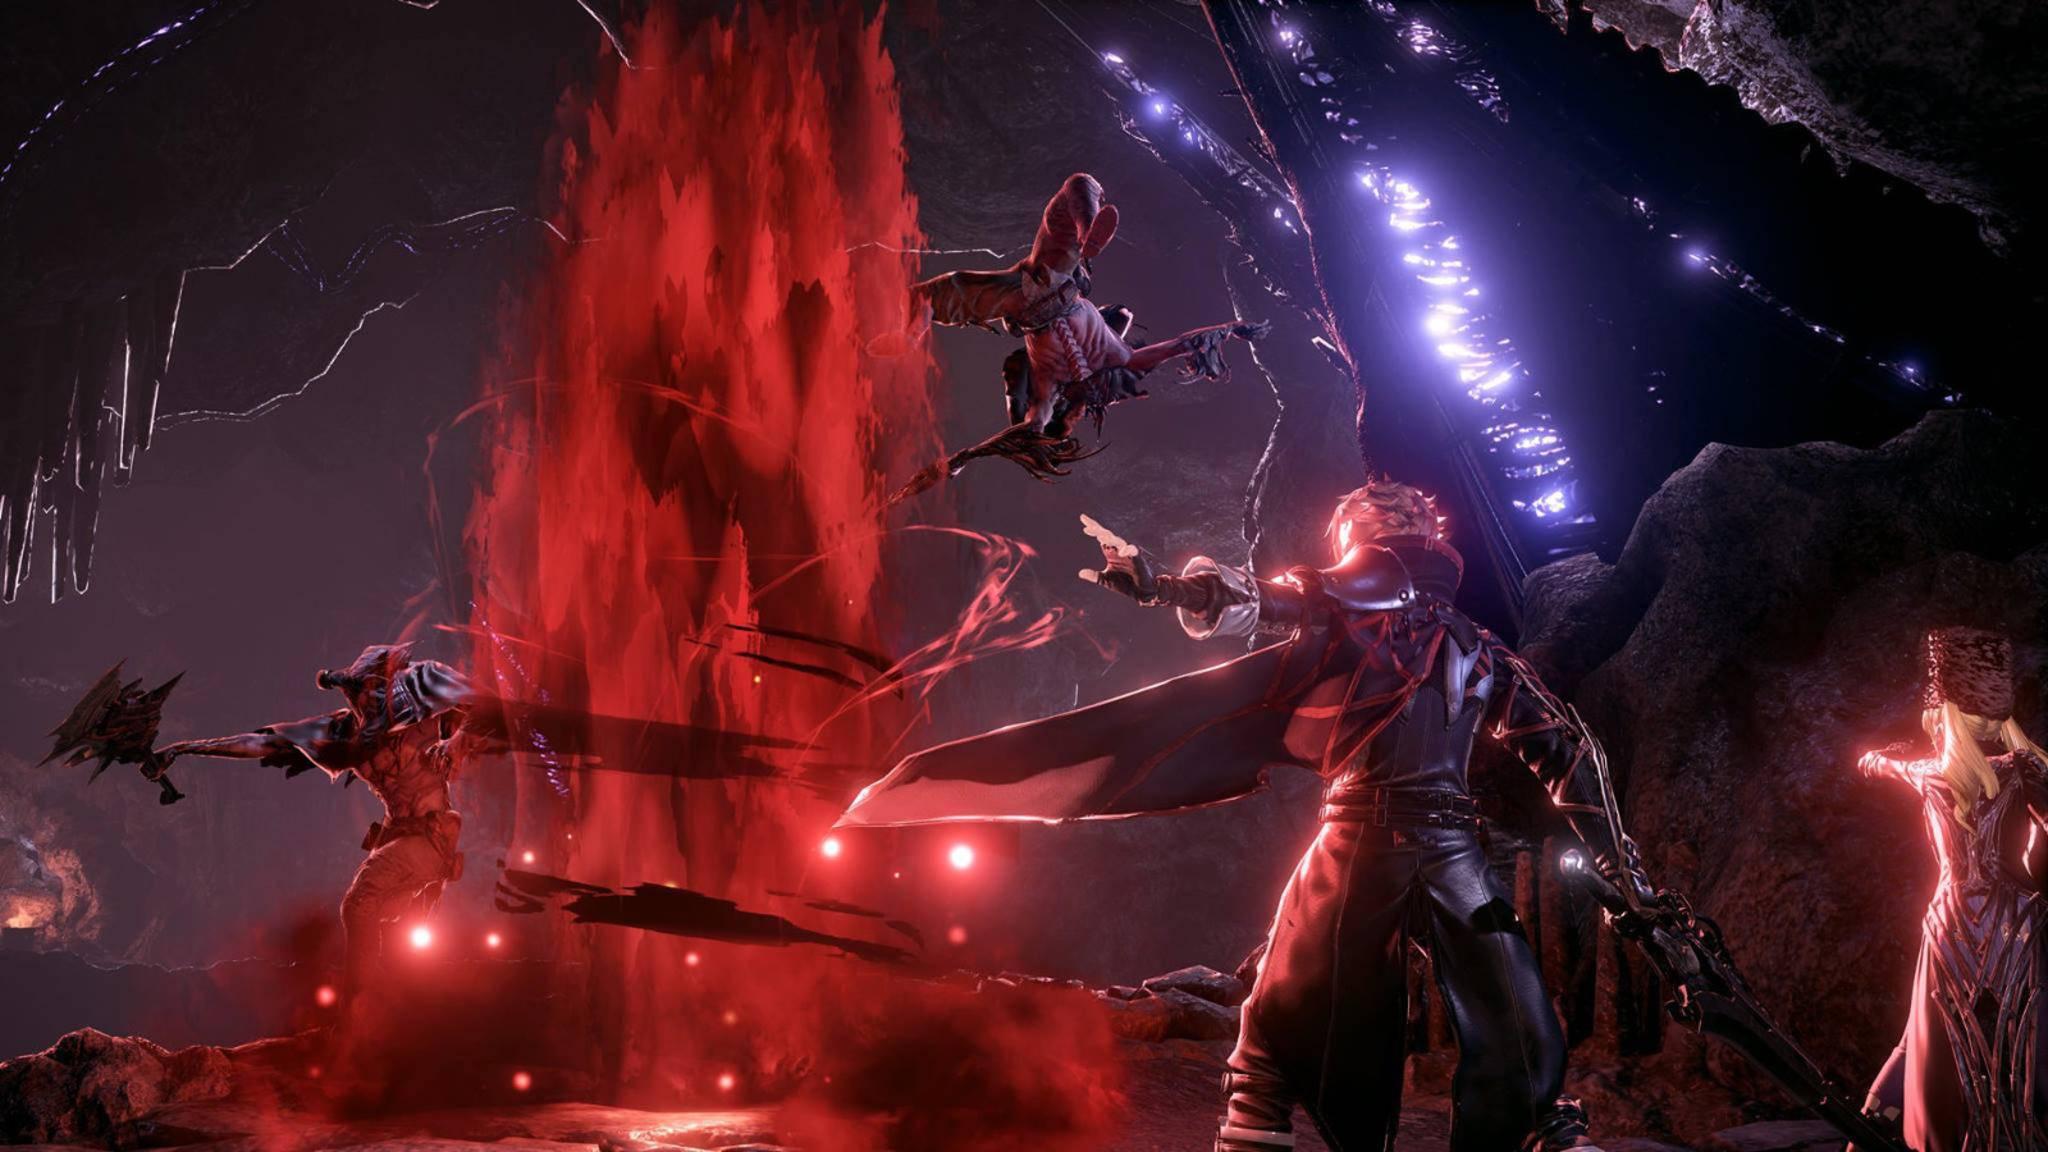 """Blut, Magie, schwere Waffen und fiese Monster: """"Code Vein"""" hat, was ein Fantasy-RPG so braucht."""